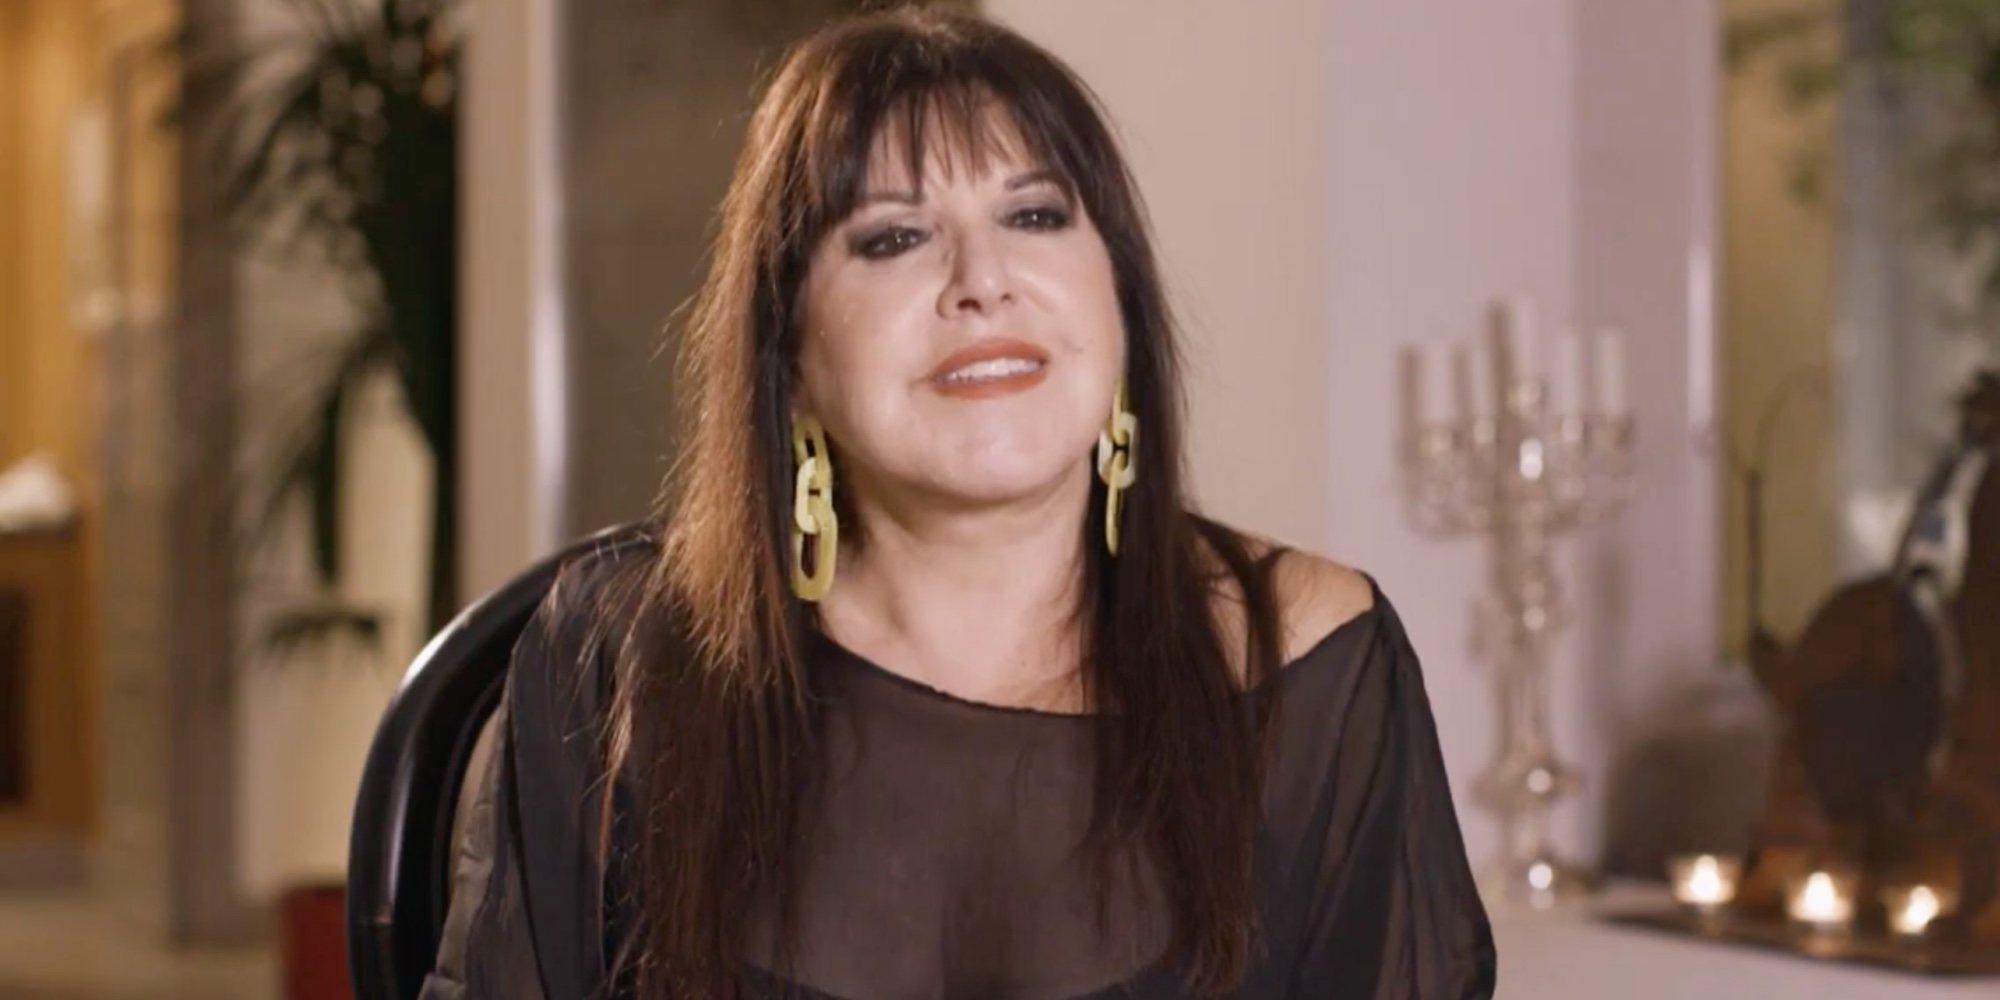 """Loles León cuenta en 'Ven a cenar conmigo' cómo fue su hidratación de vagina: """"He notado mucho gusto y placer"""""""